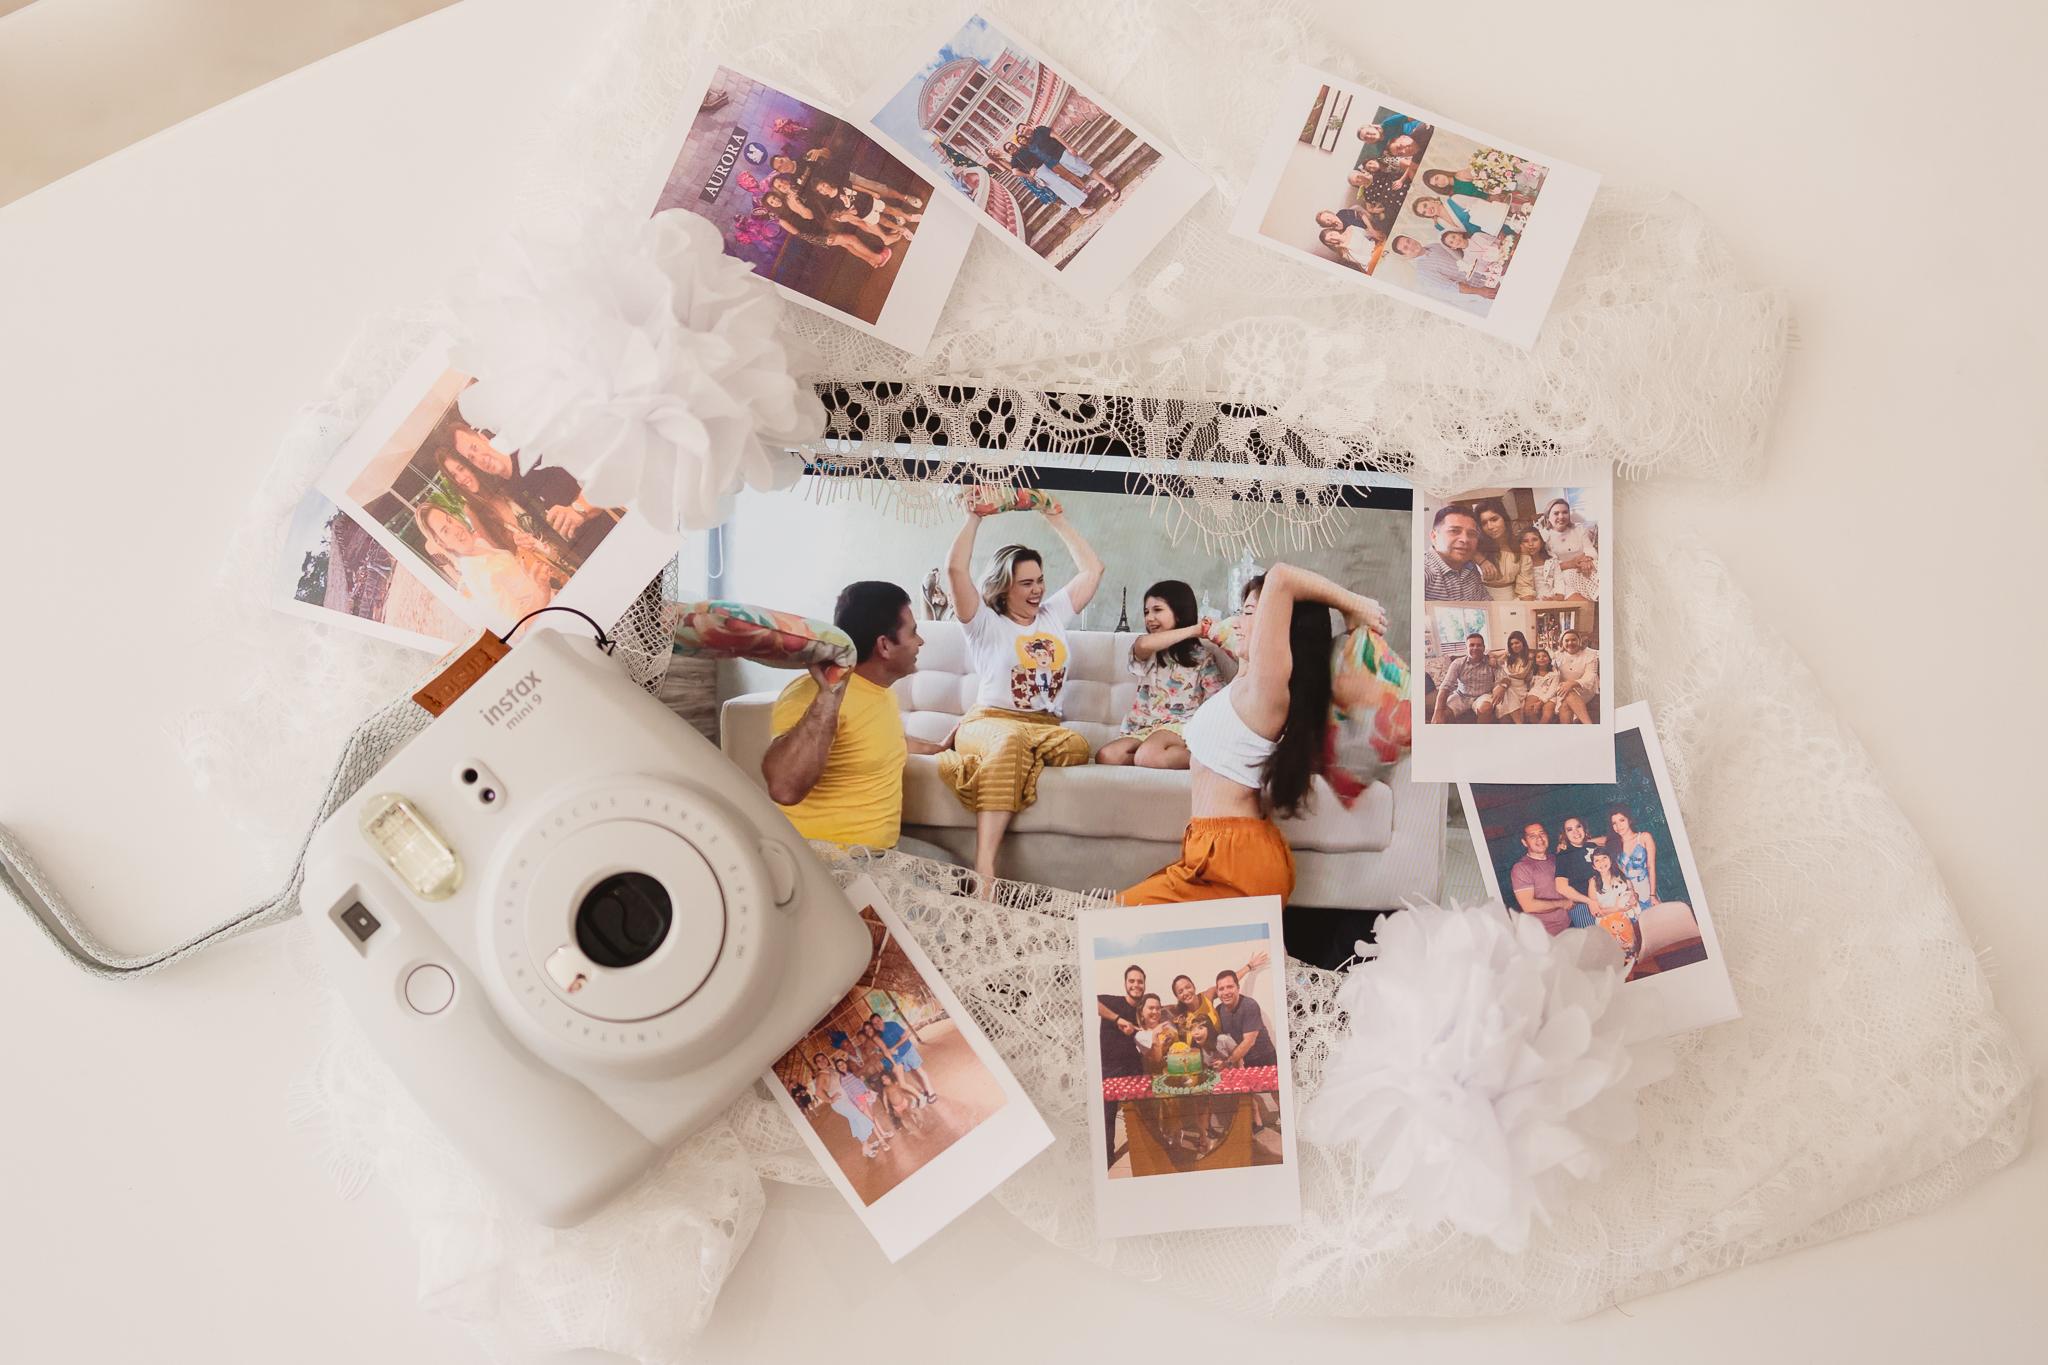 Ensaio virtual - Quarentena em família